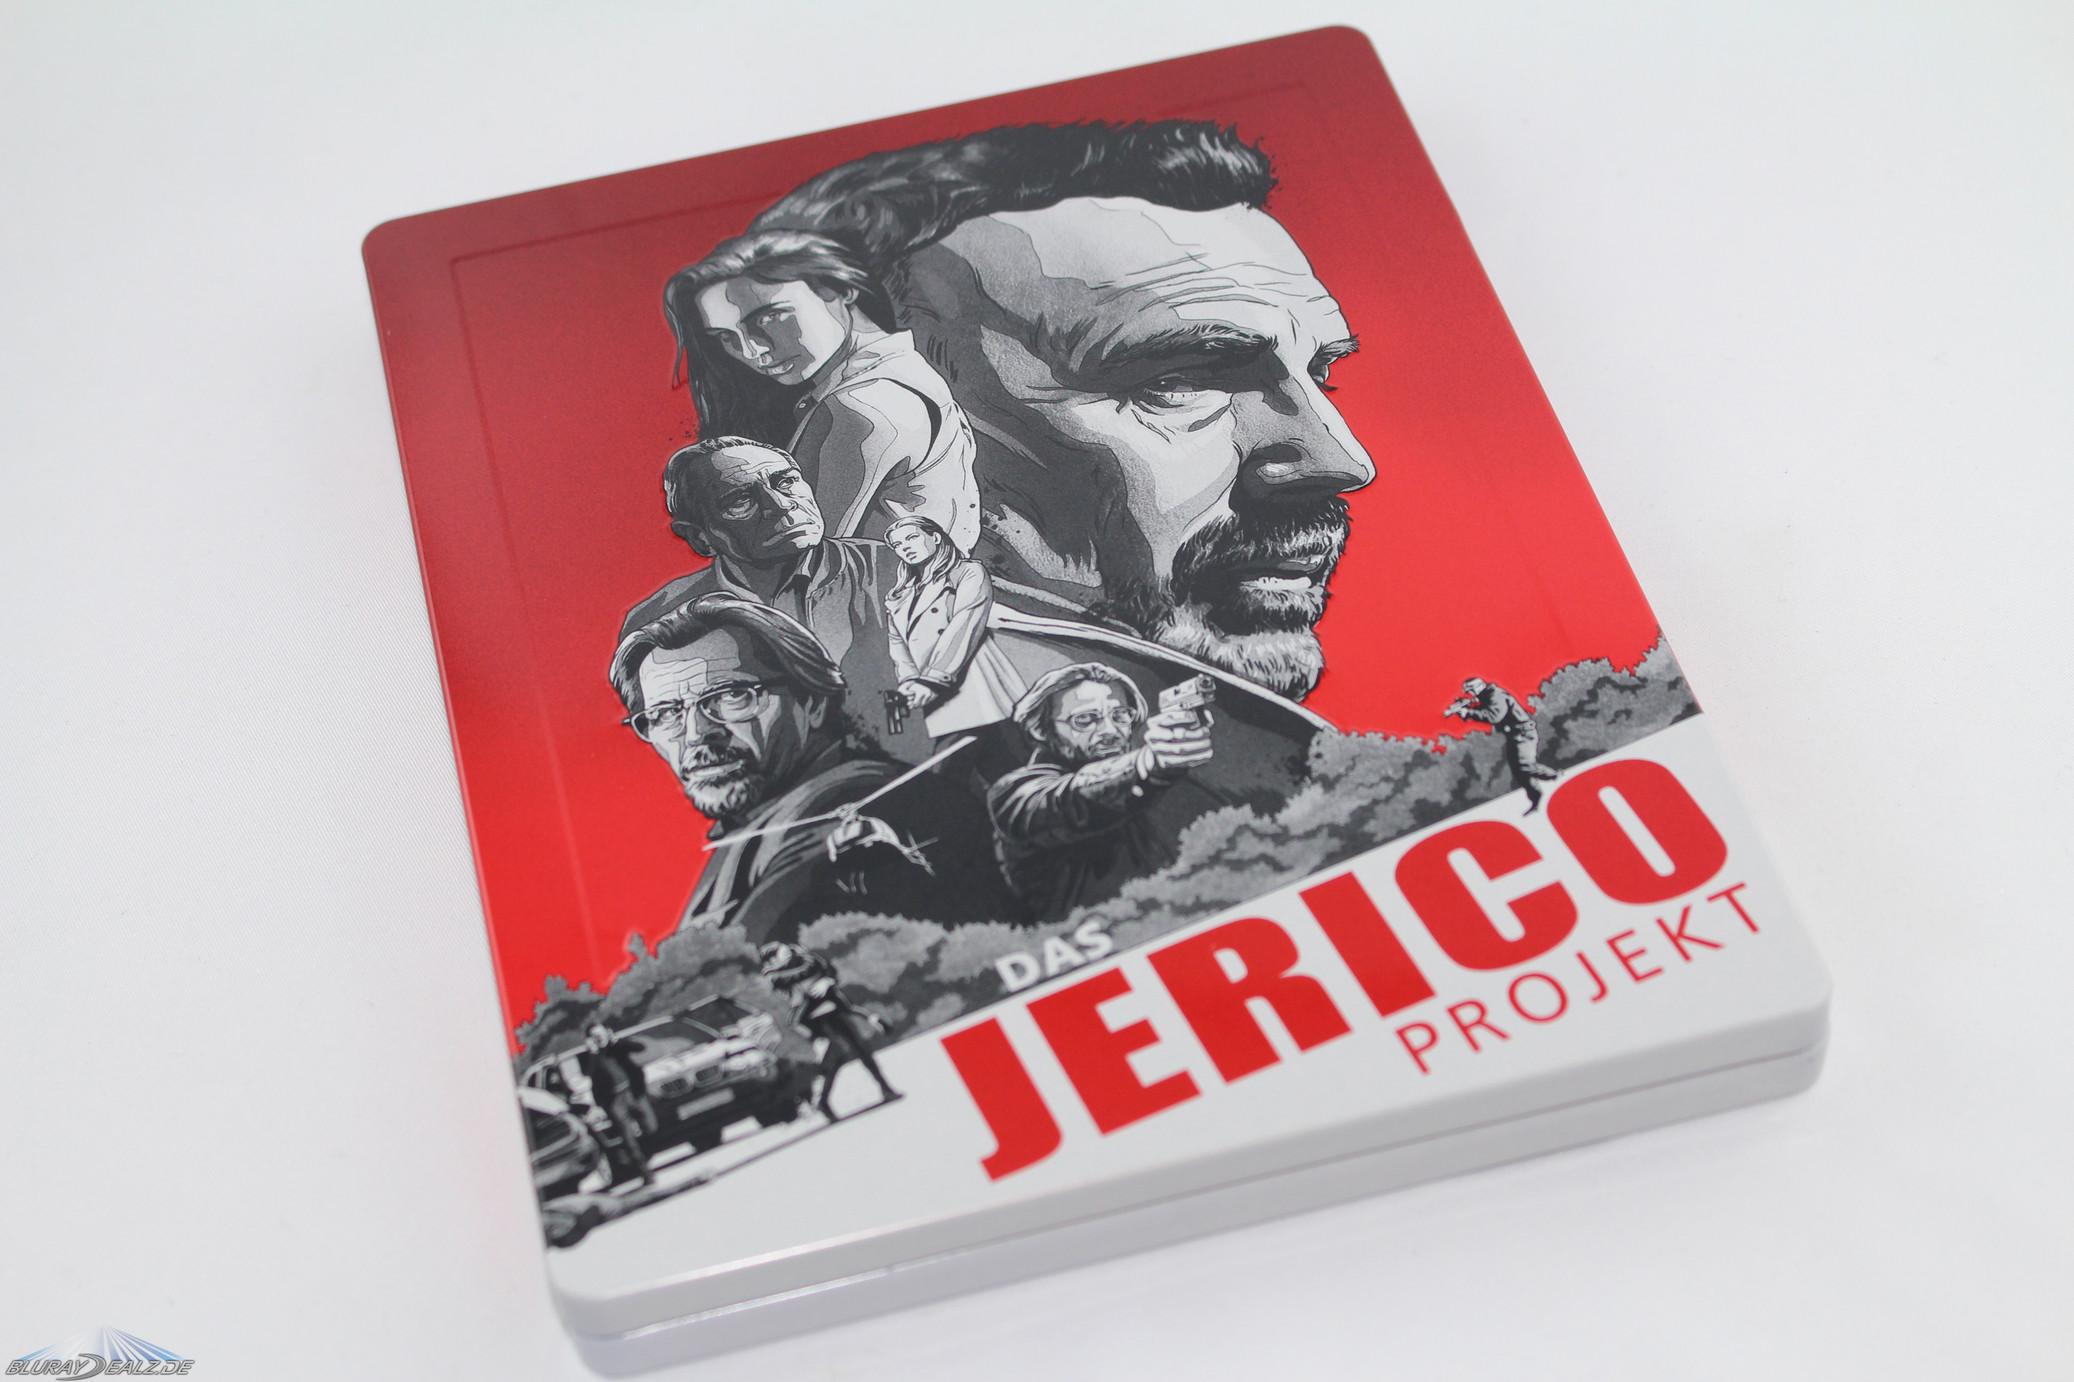 Jerico Projekt Imdb